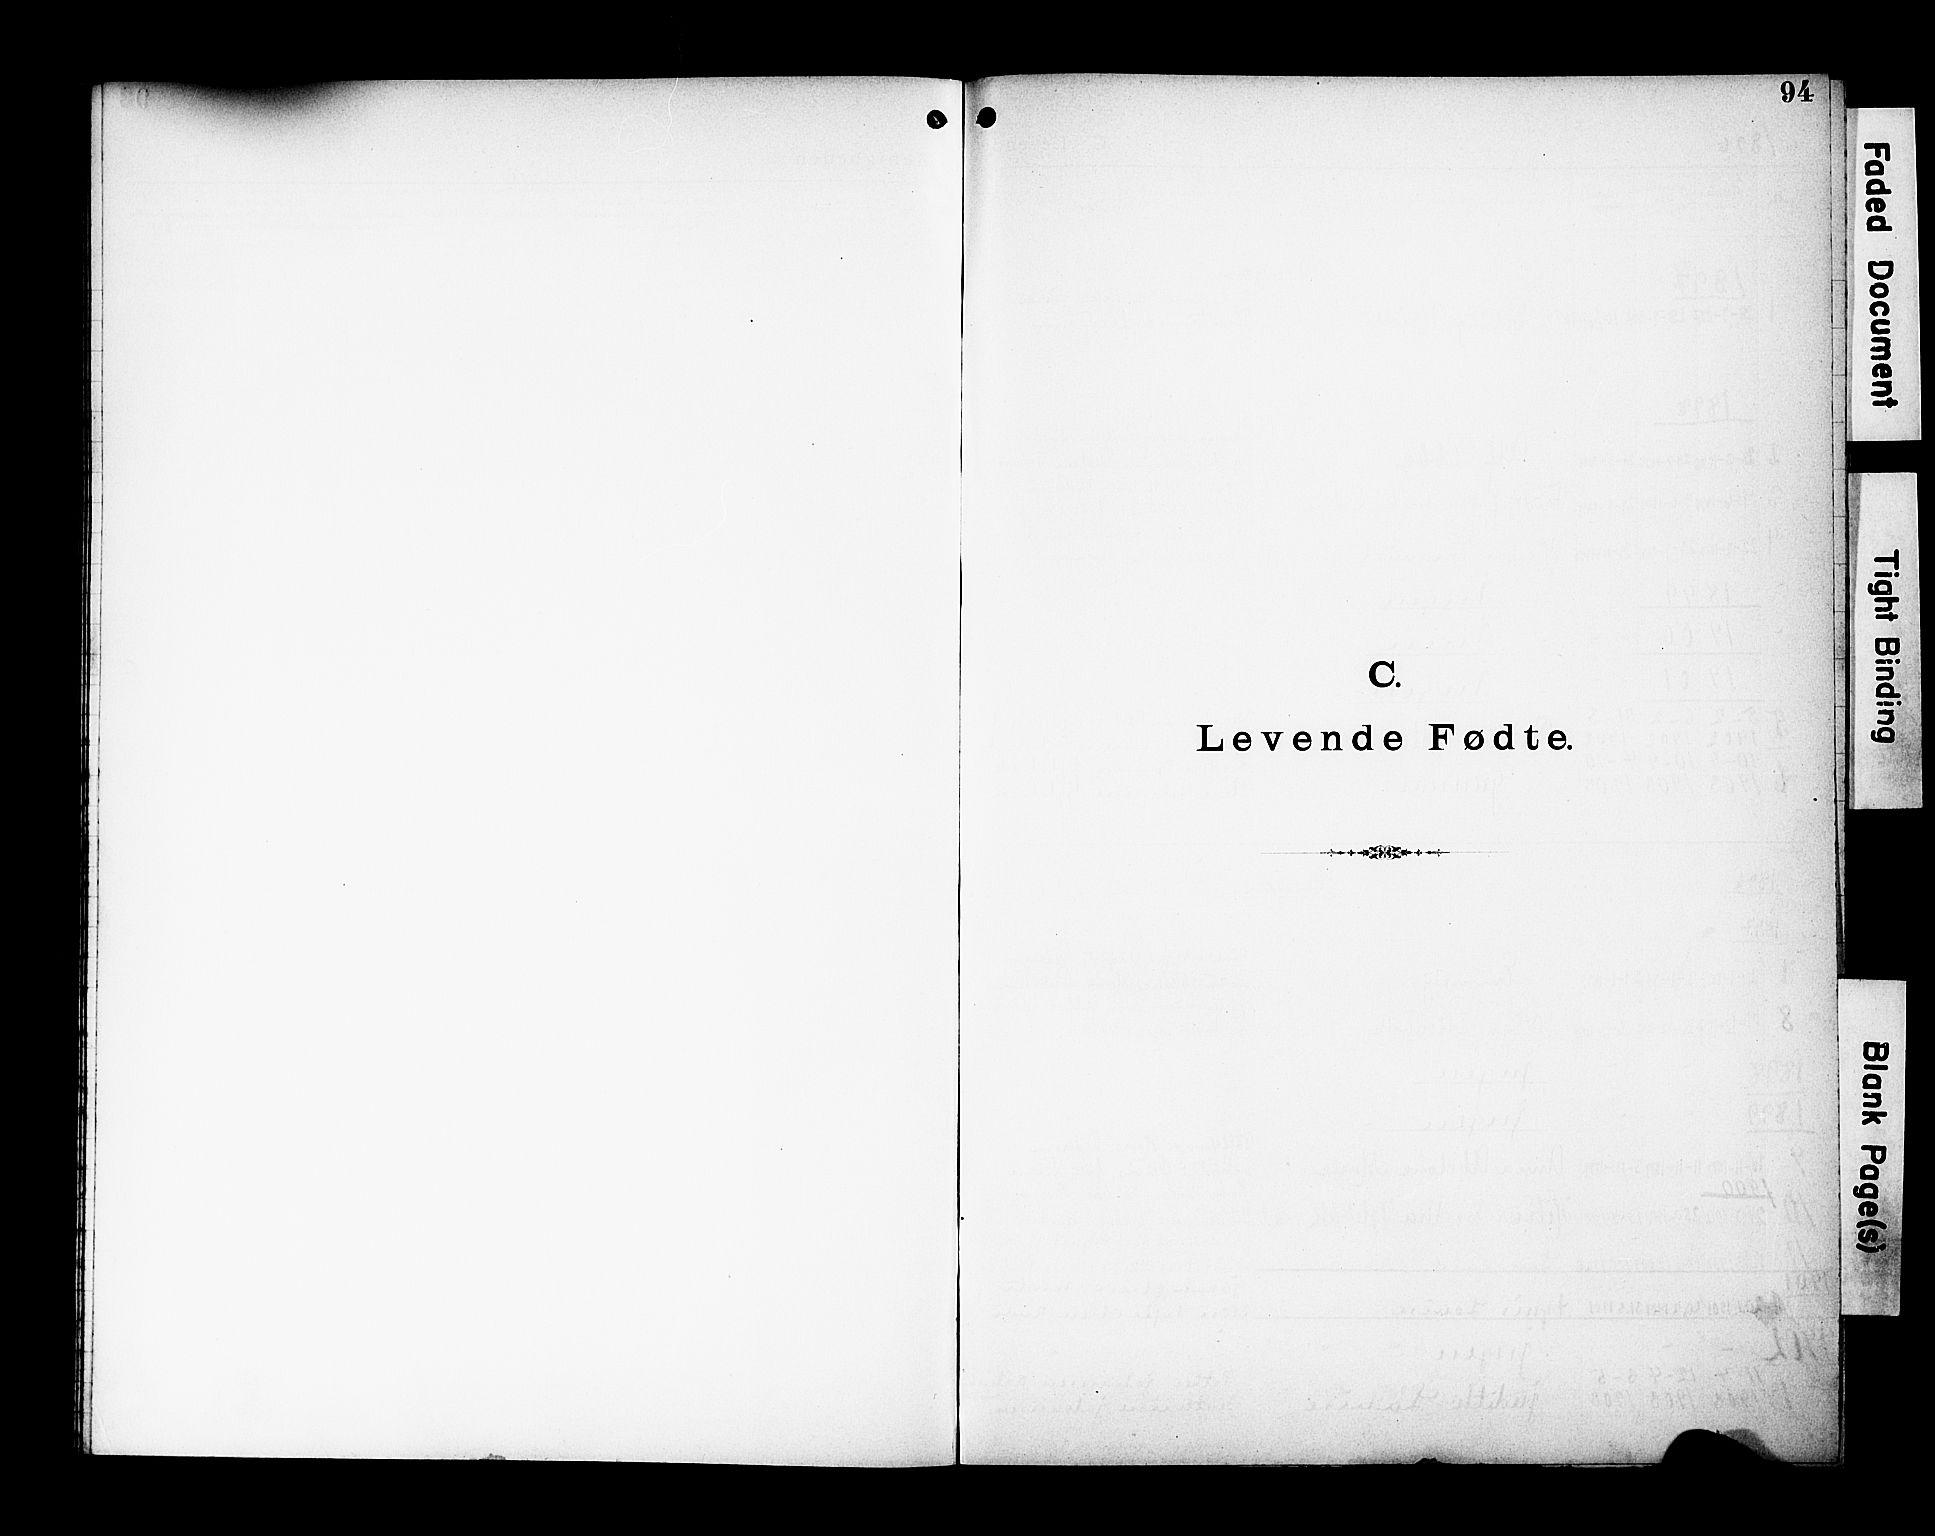 SAK, Den katolsk-apostoliske menighet, Kristiansand, F/Fa/L0002: Dissenterprotokoll nr. 2, 1896-1925, s. 94